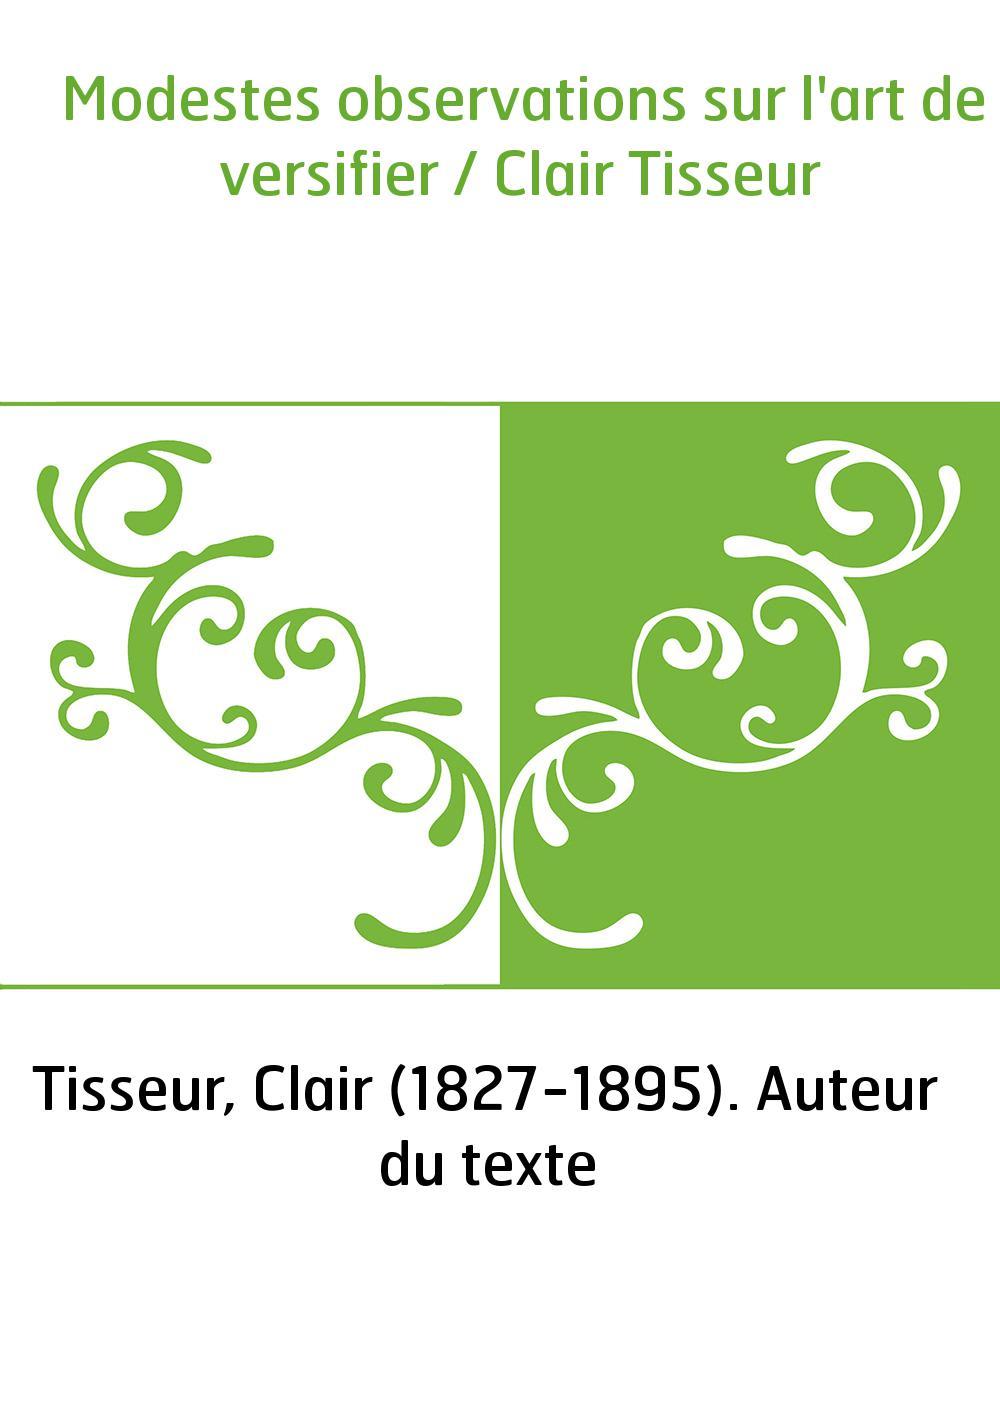 Modestes observations sur l'art de versifier / Clair Tisseur